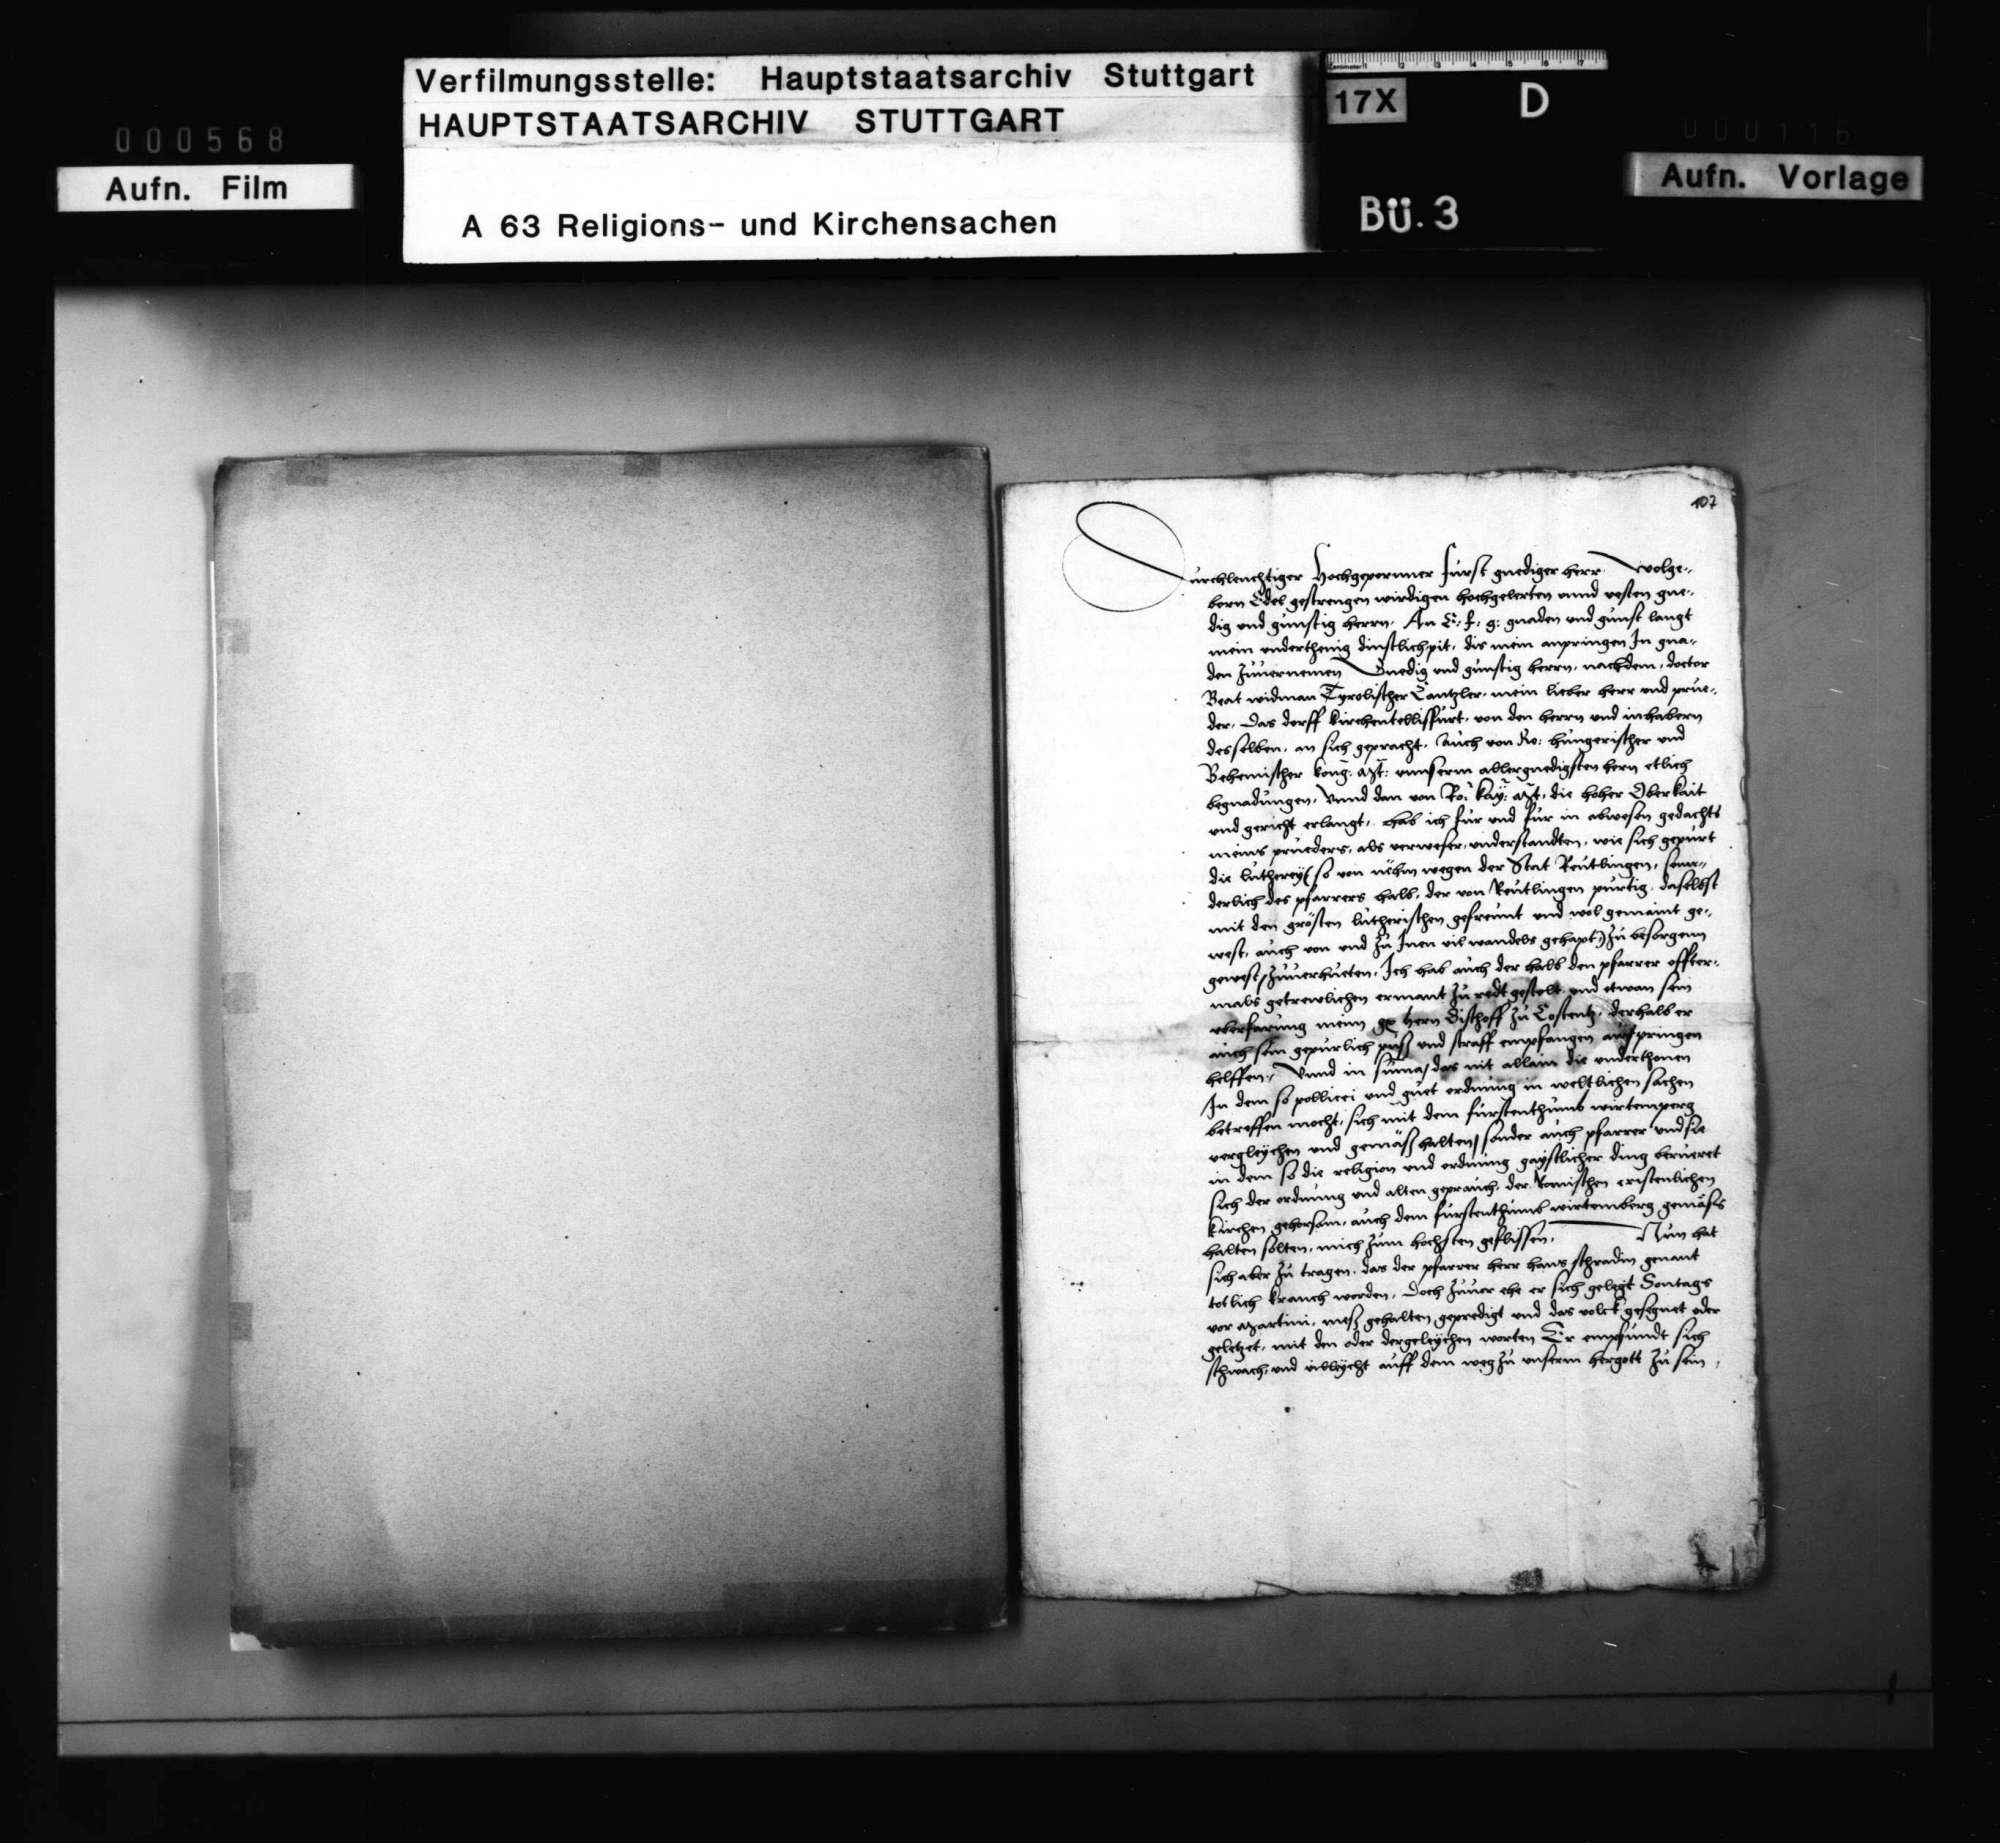 Anfrage des Propsts zu Tübingen mit Antwort, ob er den verstorbenen Pfarrer zu Kirchentellinsfurt, weil er der Religion halber verdächtig, in das geweihte Erdreich begraben solle, Bild 1